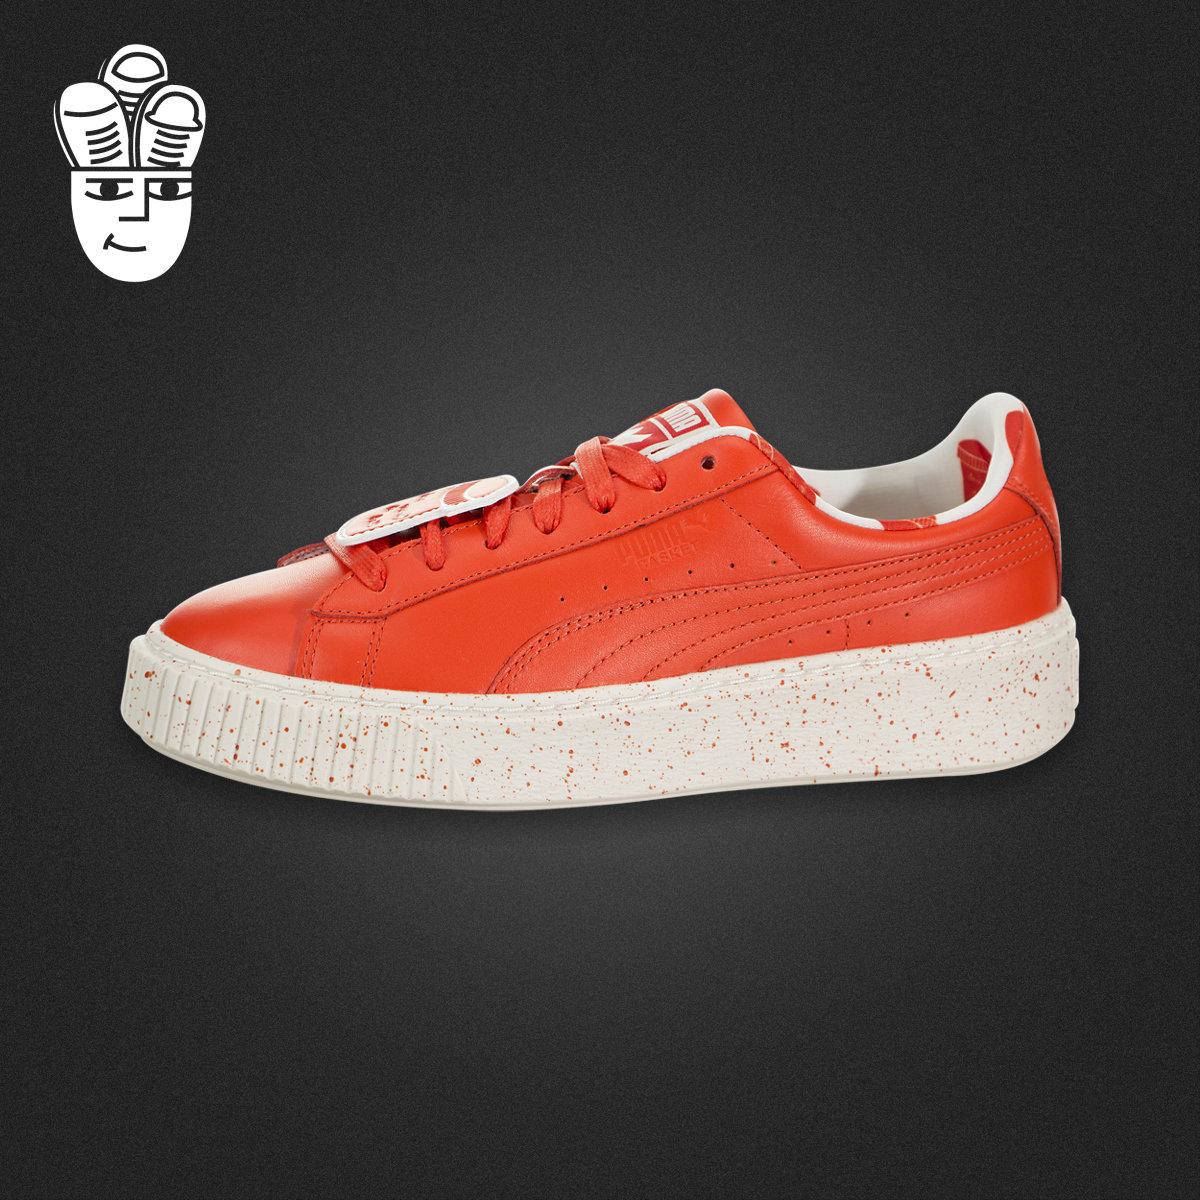 Puma x Tiny Cottons Basket Platform 彪马女鞋 联名休闲松糕鞋